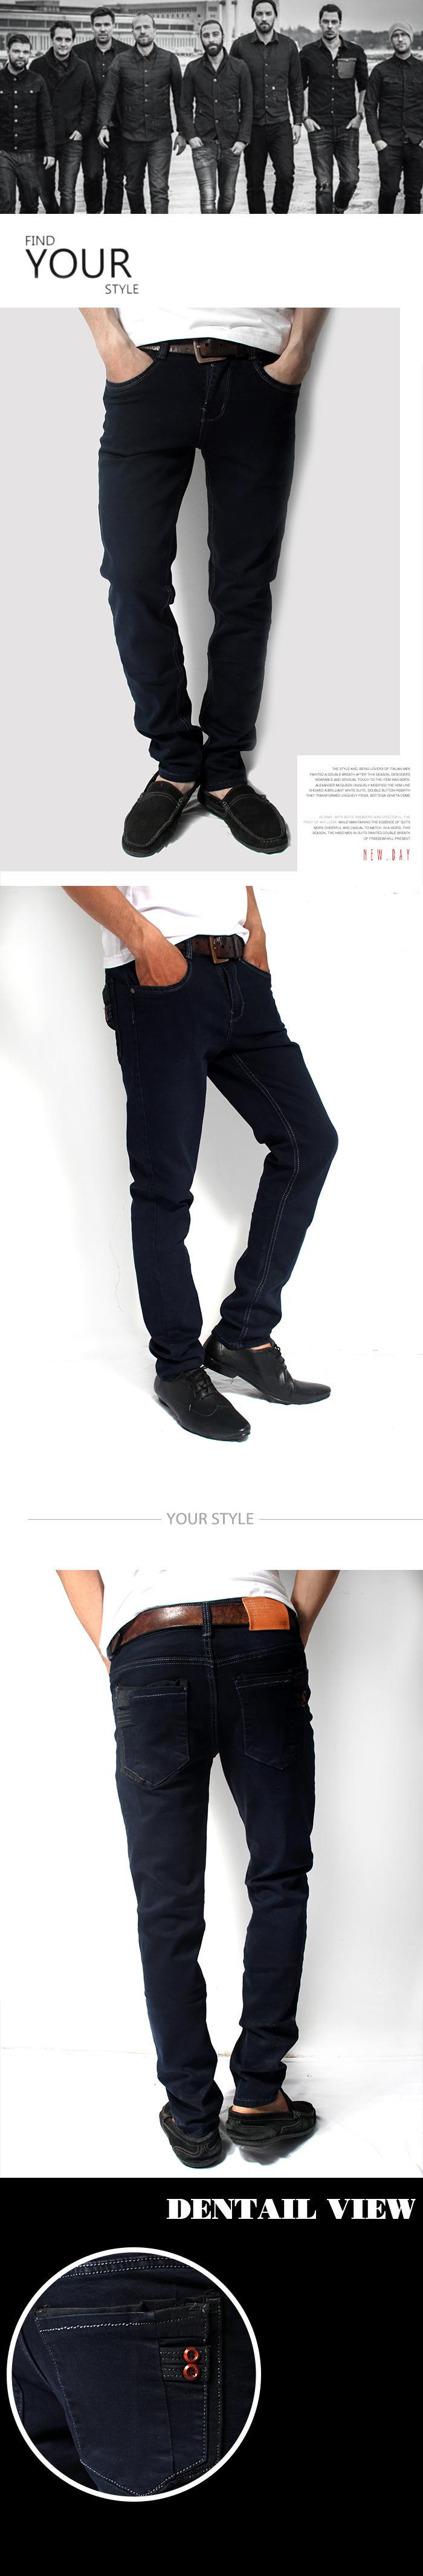 Quần jean xanh đen qj1142 - 1